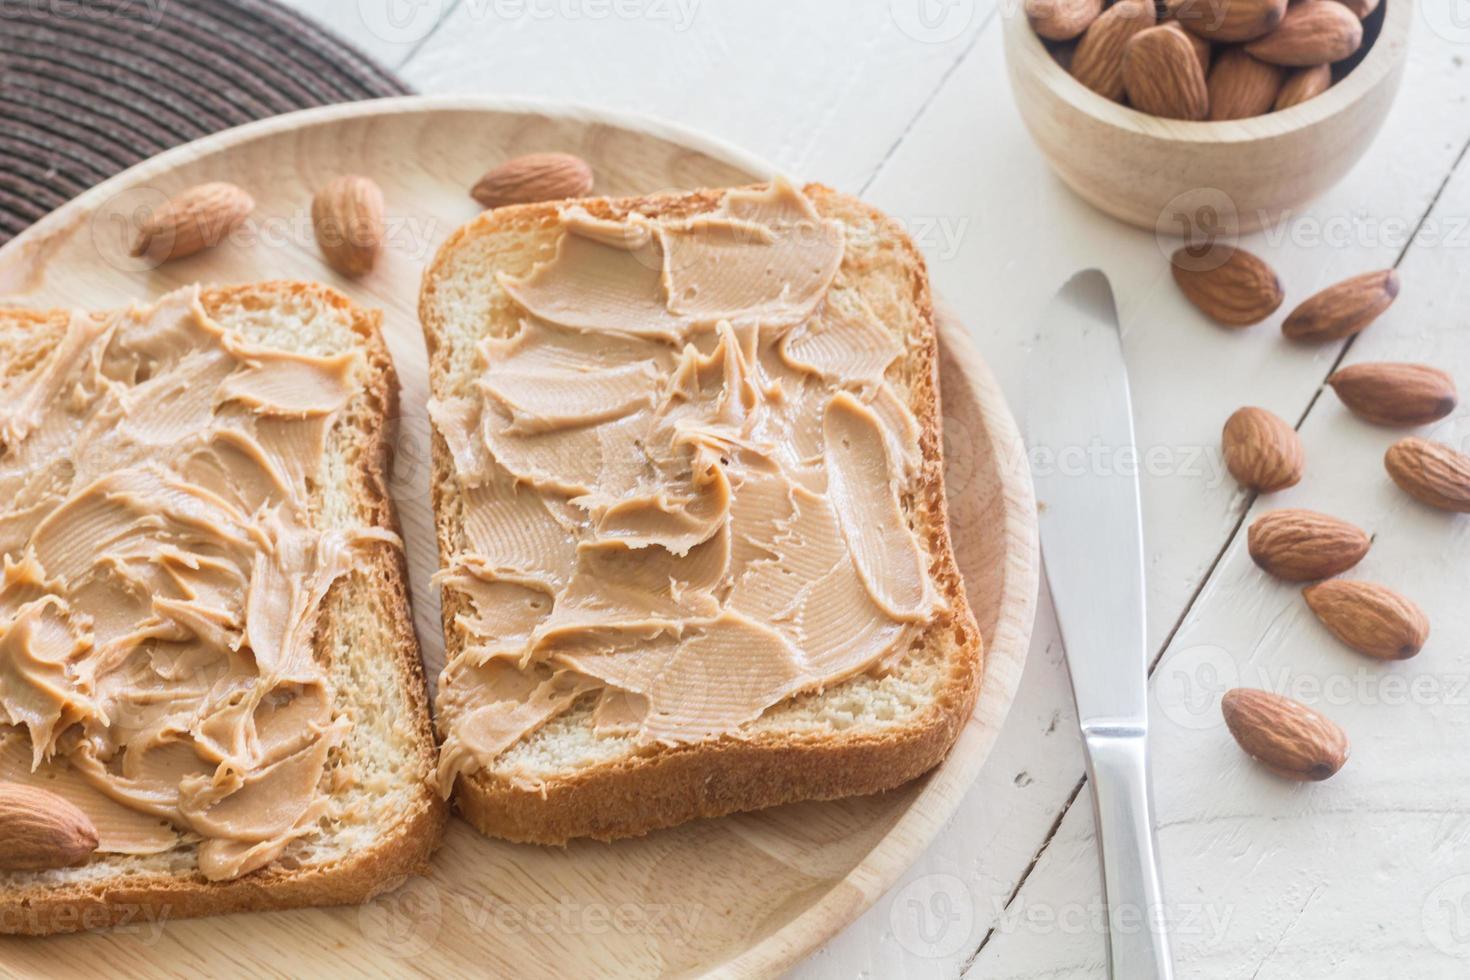 manteiga de amendoim na placa de madeira com nozes na mesa de madeira foto